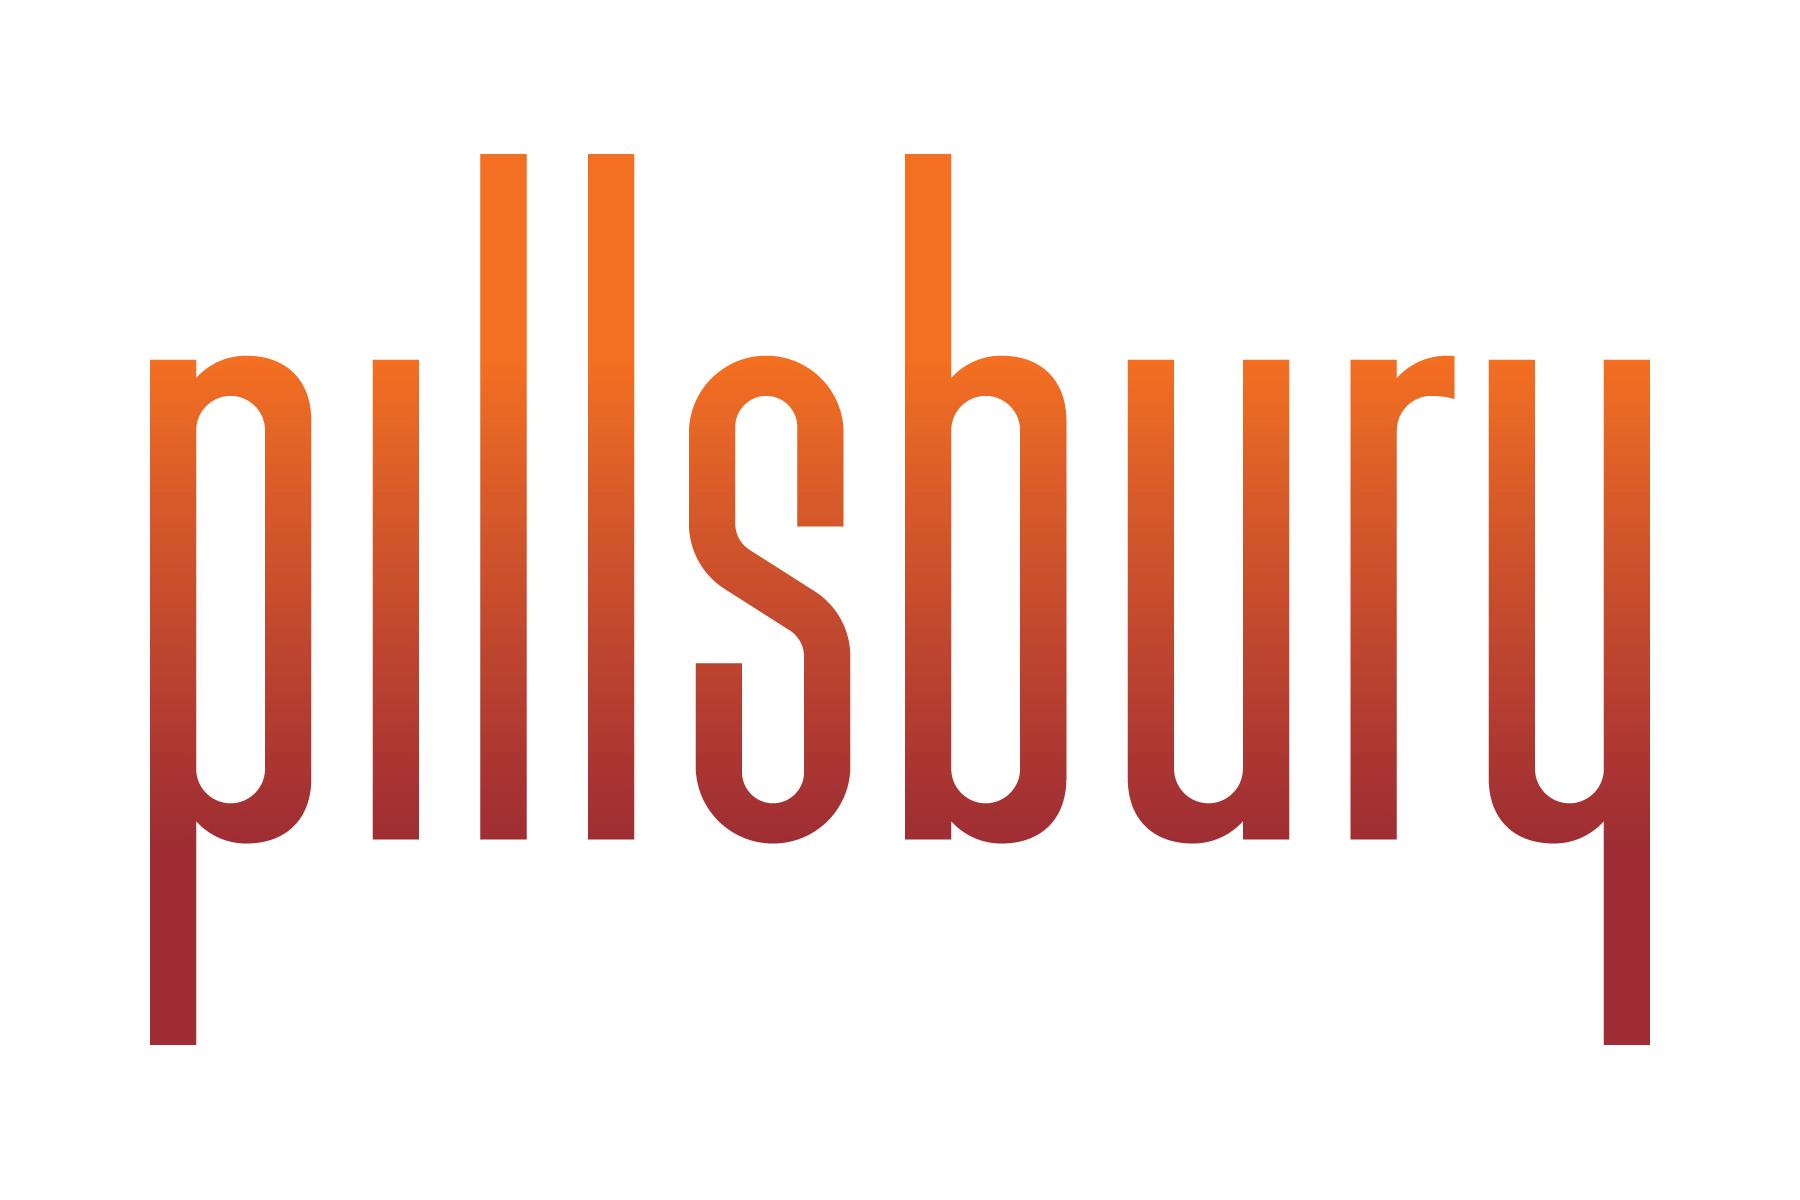 Pillsbury-1800x.png